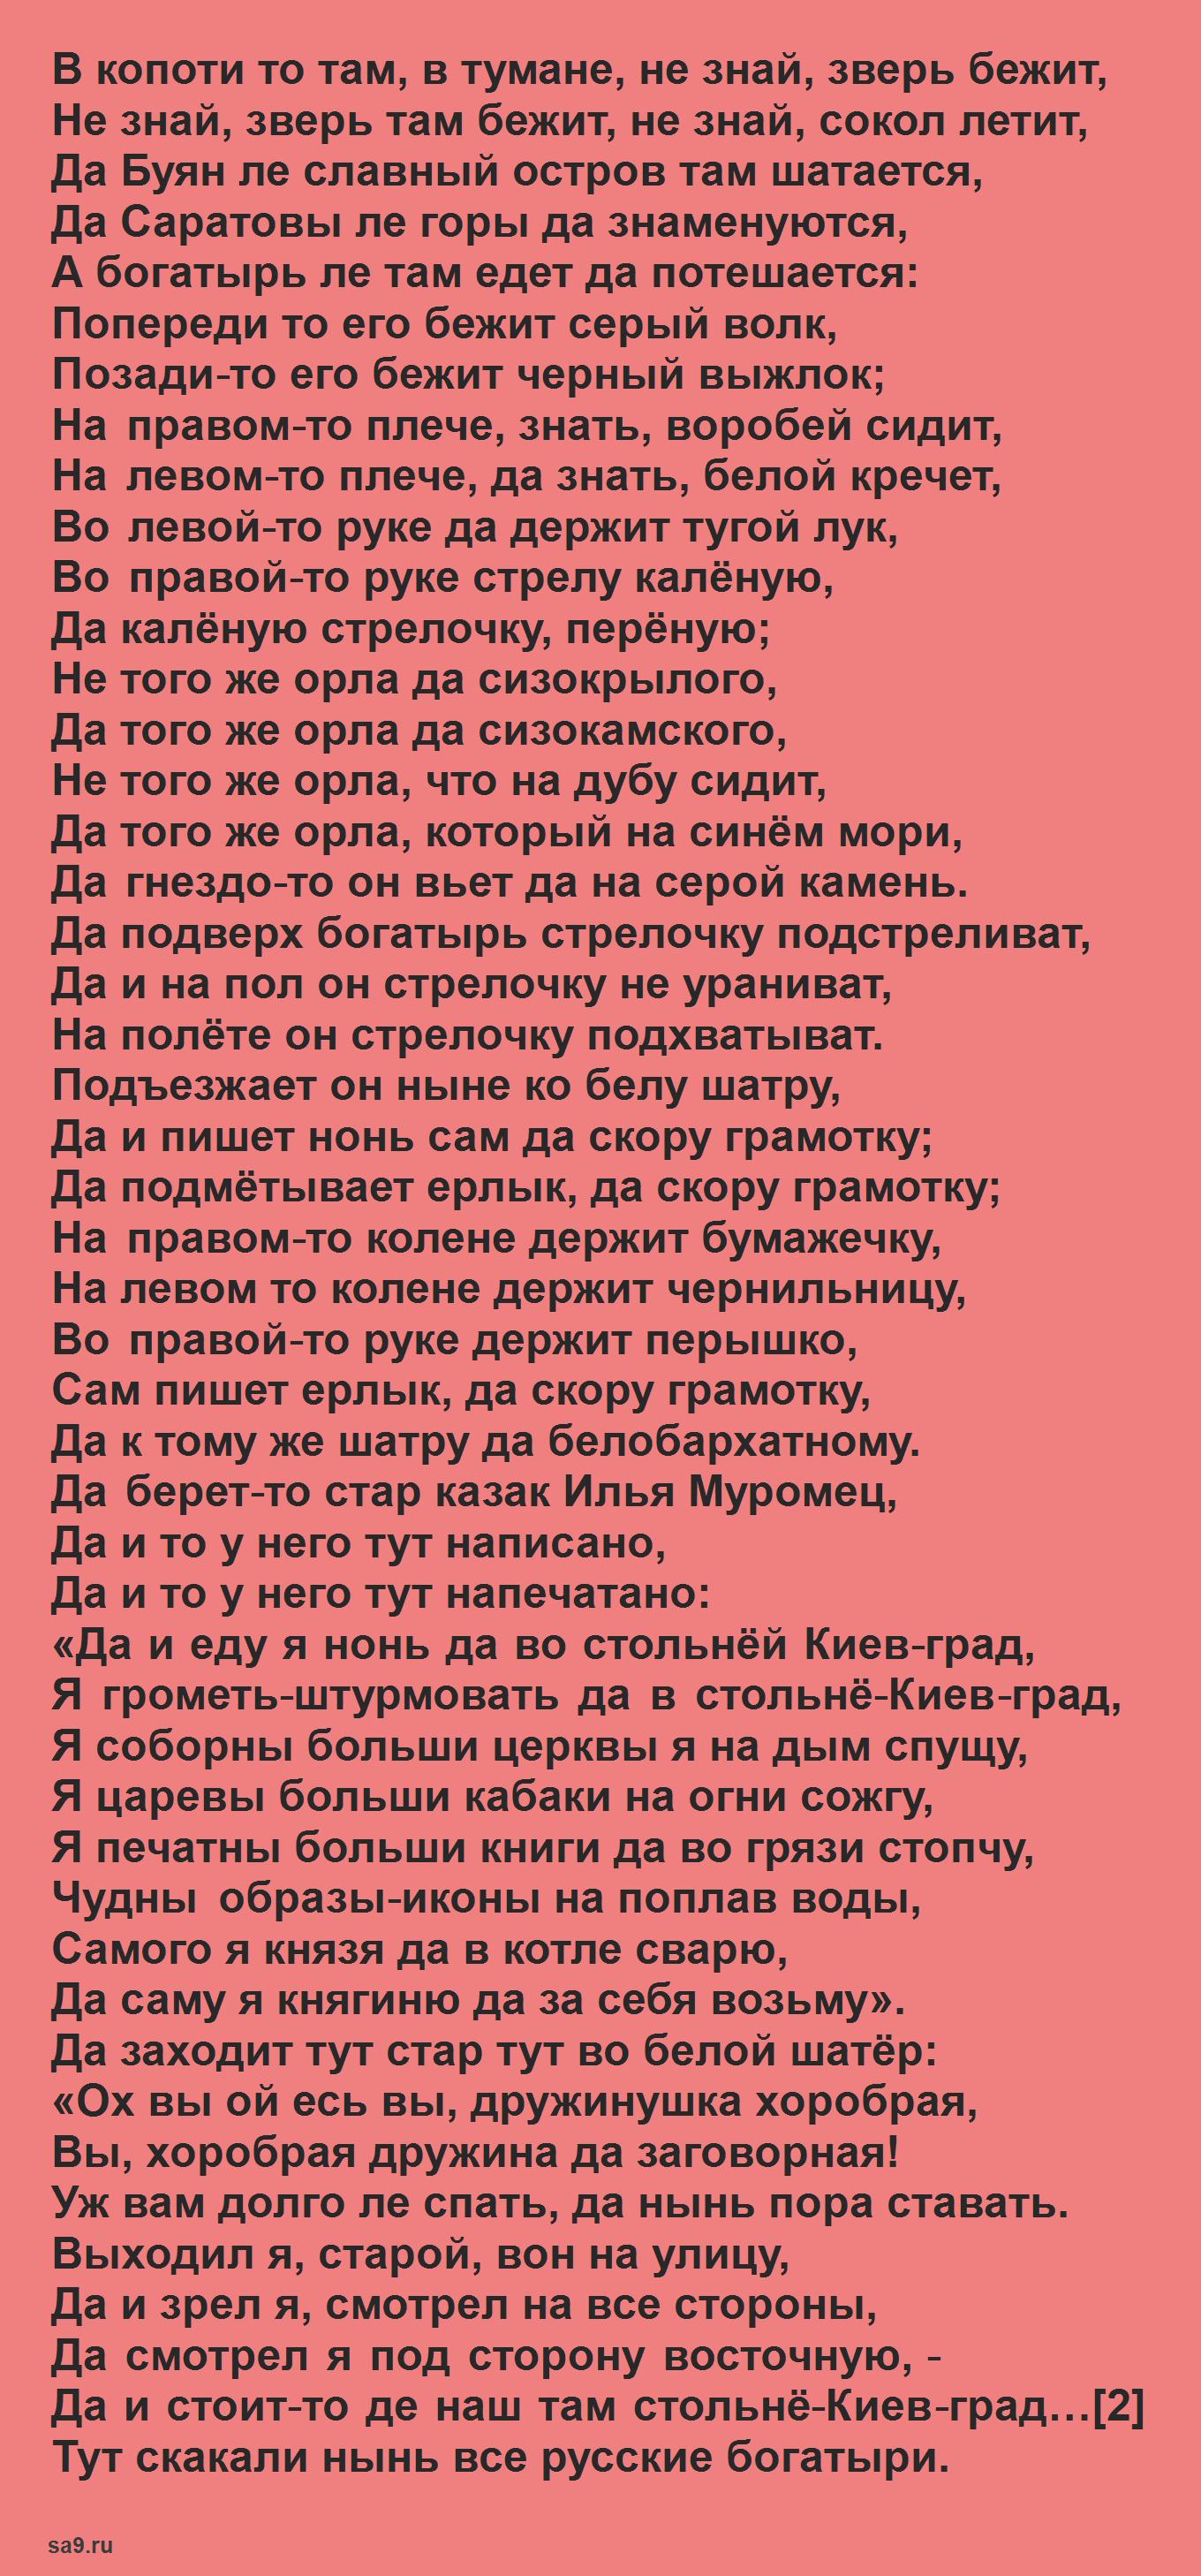 Читать былину - Бой Ильи Муромца с сыном